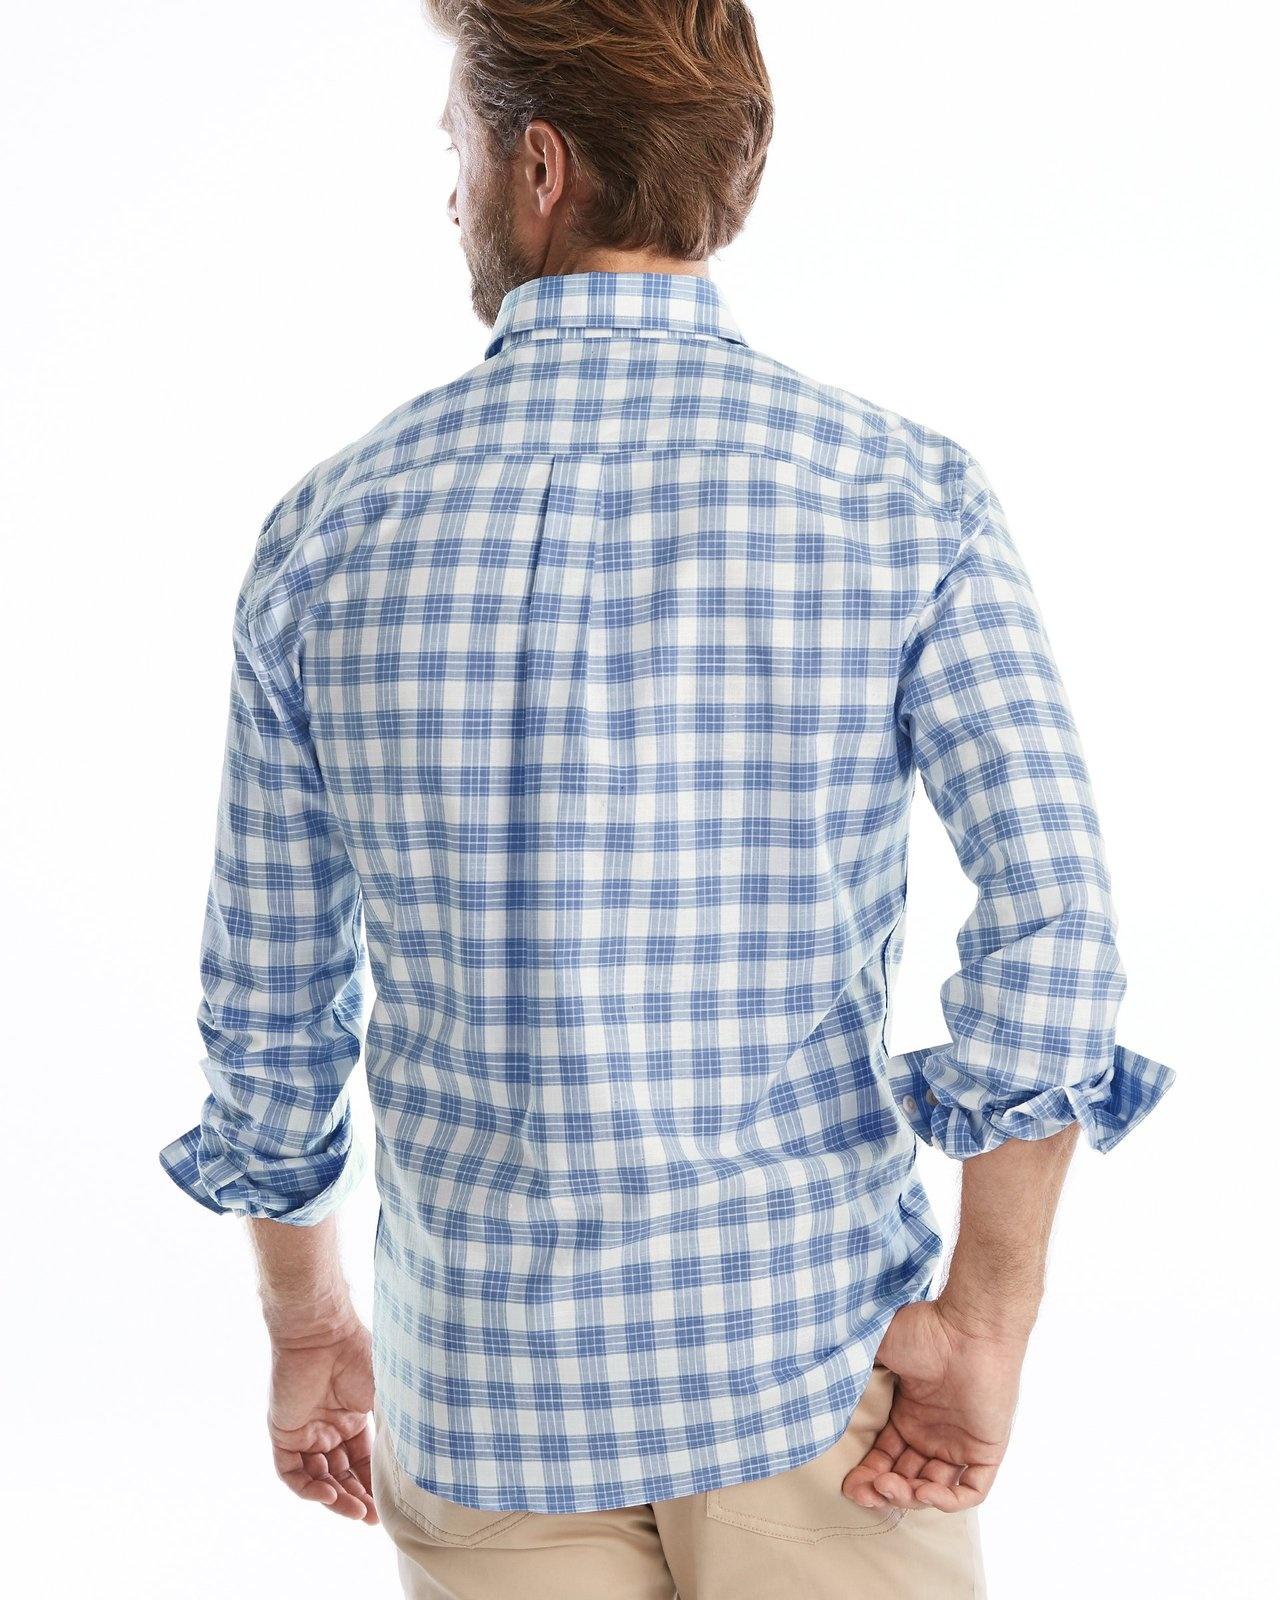 Johnnie-O Johnnie-O Landon Shirt